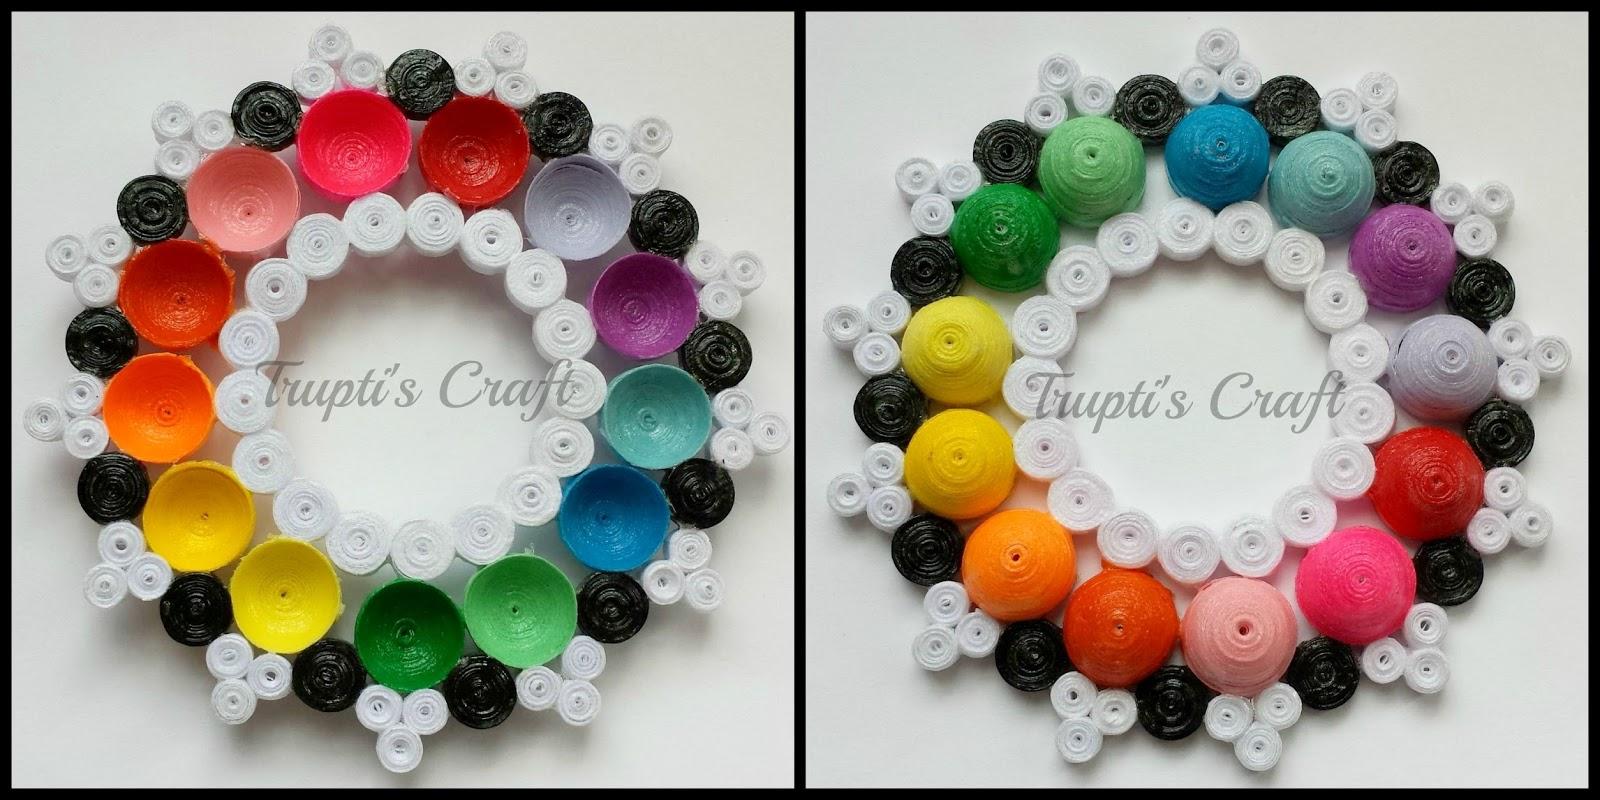 Trupti's Craft: Multi Purpose Multi Color Paper Quilling ... - photo#49